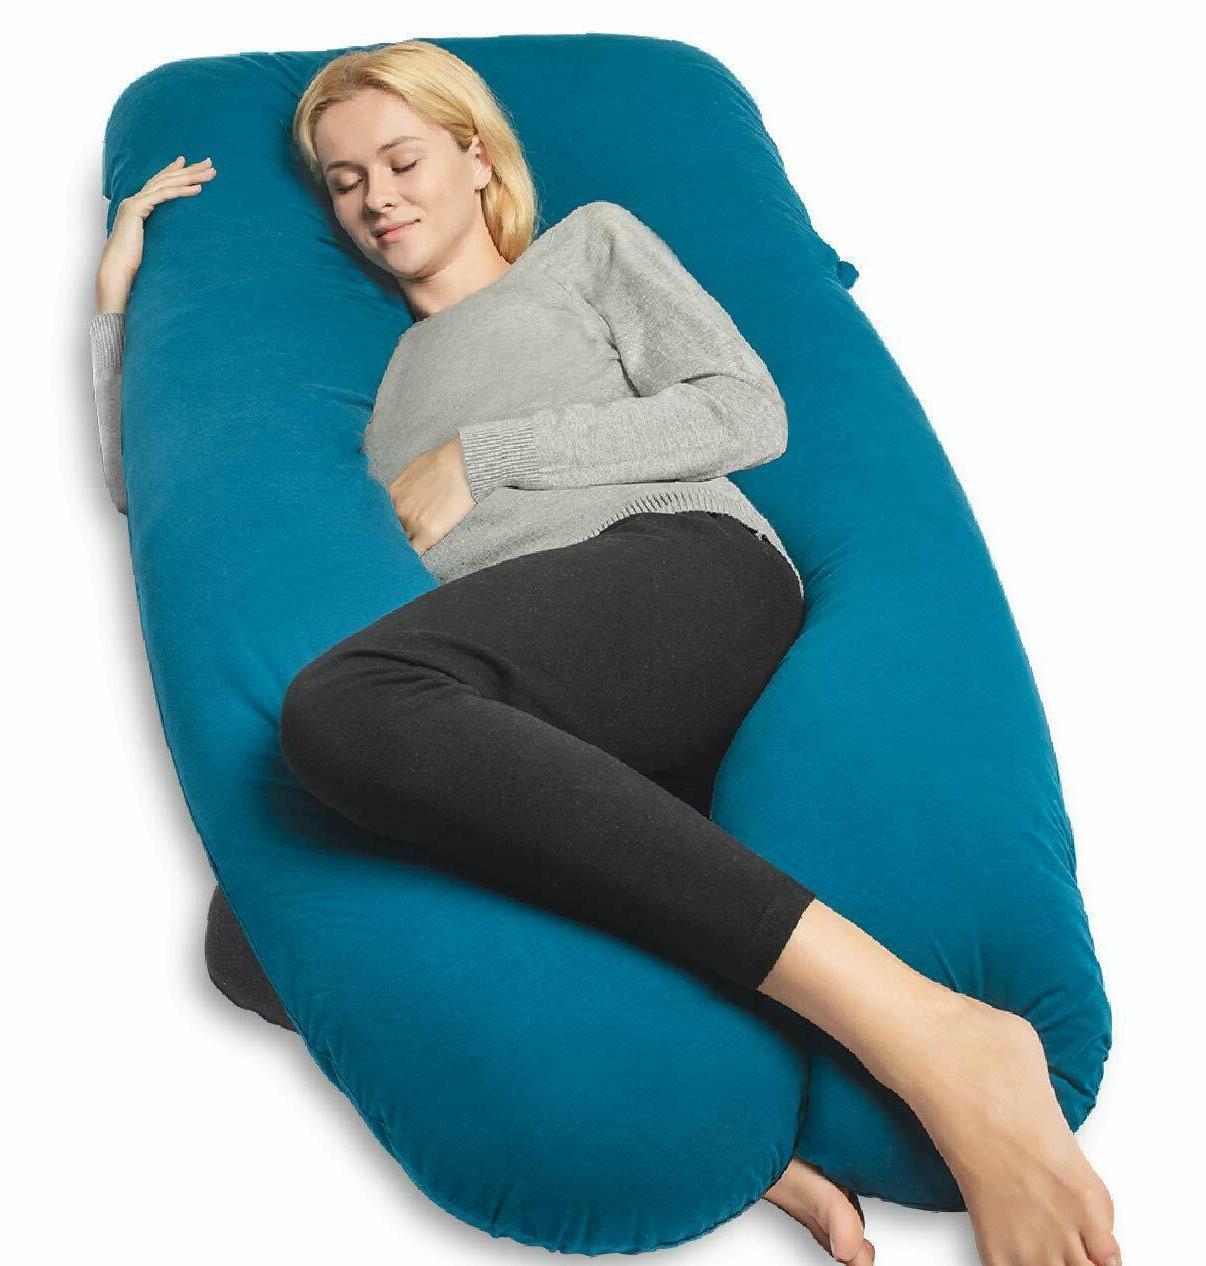 QUEEN ROSE Pillow and Full Body Pillow Velvet